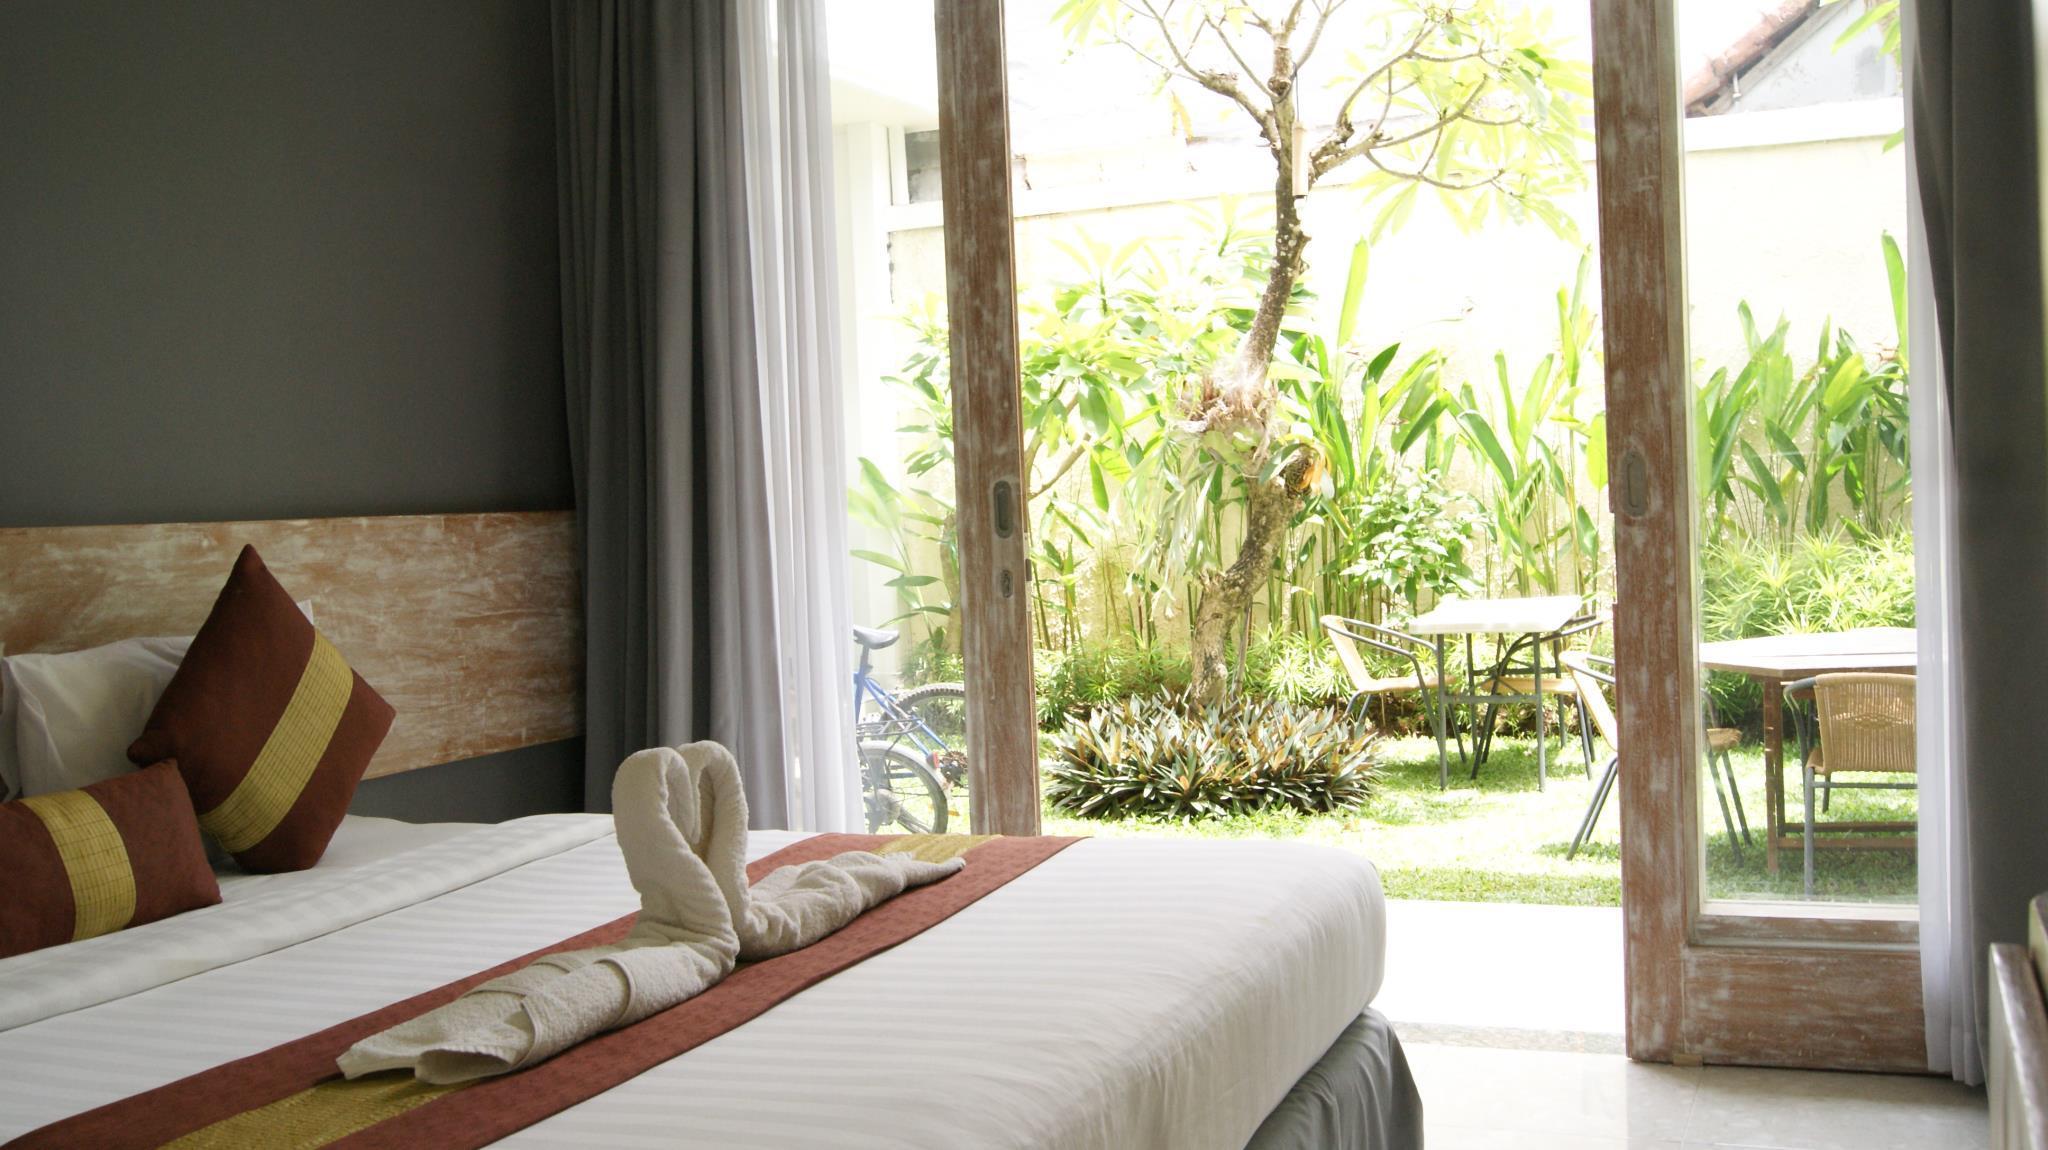 Sugiras Living Guest House, Denpasar